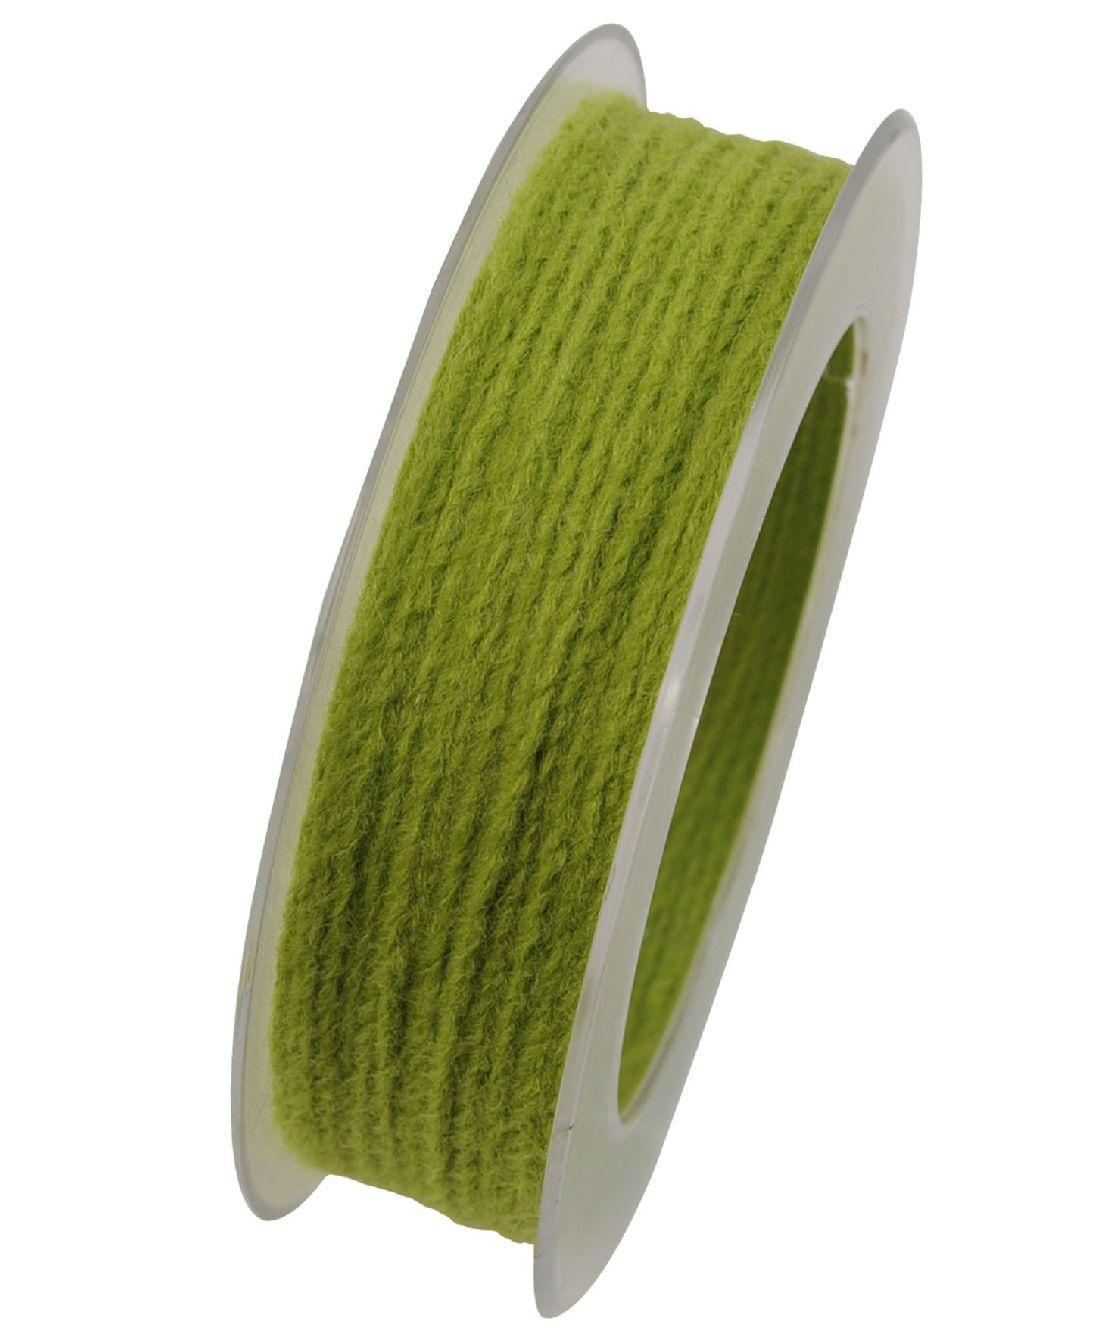 Wollkordel Twist mit Draht SCHILFGRÜN 542 2mm  50 Meter  Wollschnur